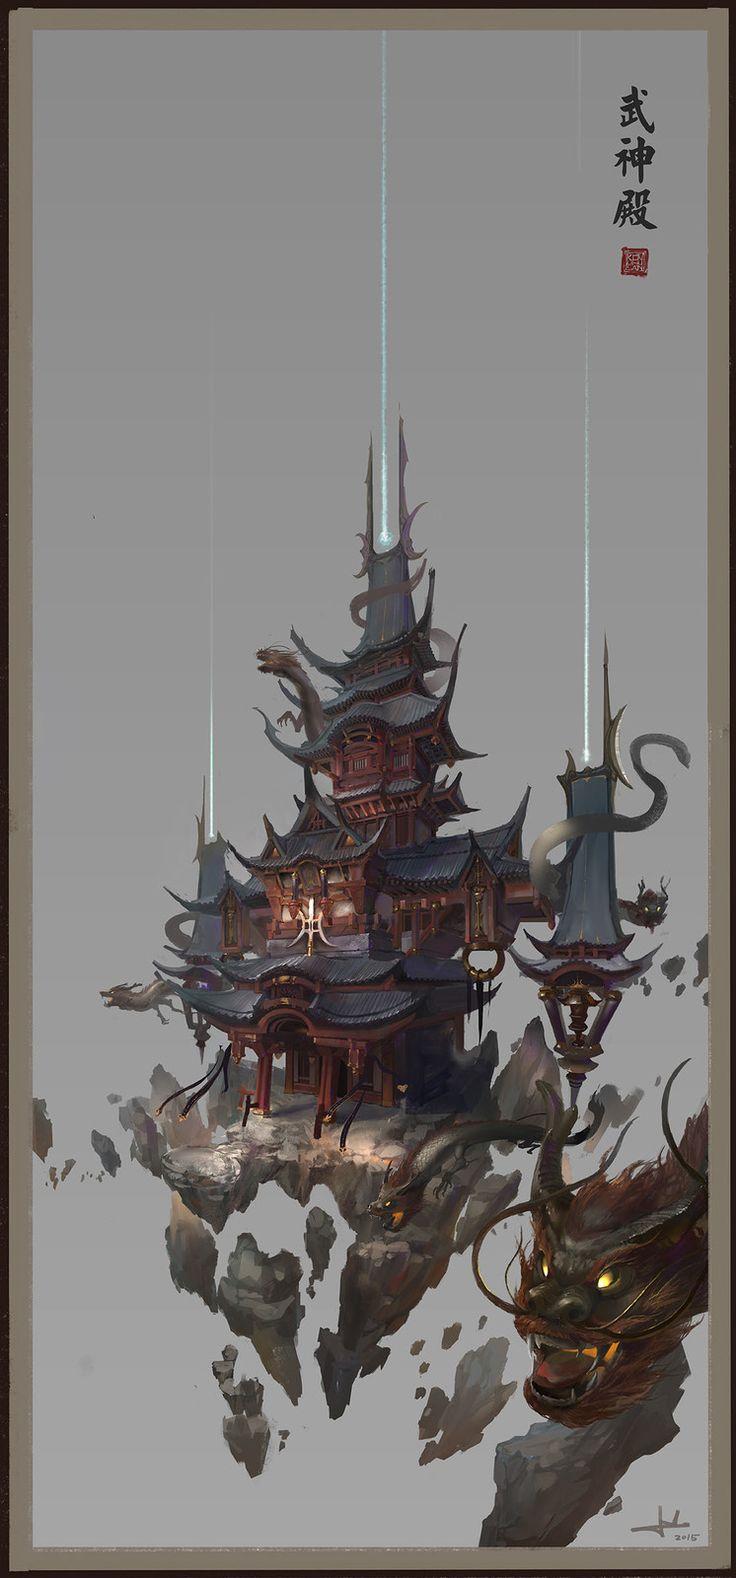 Wushen Temple, Chen Cheng on ArtStation at https://www.artstation.com/artwork/B6d4z